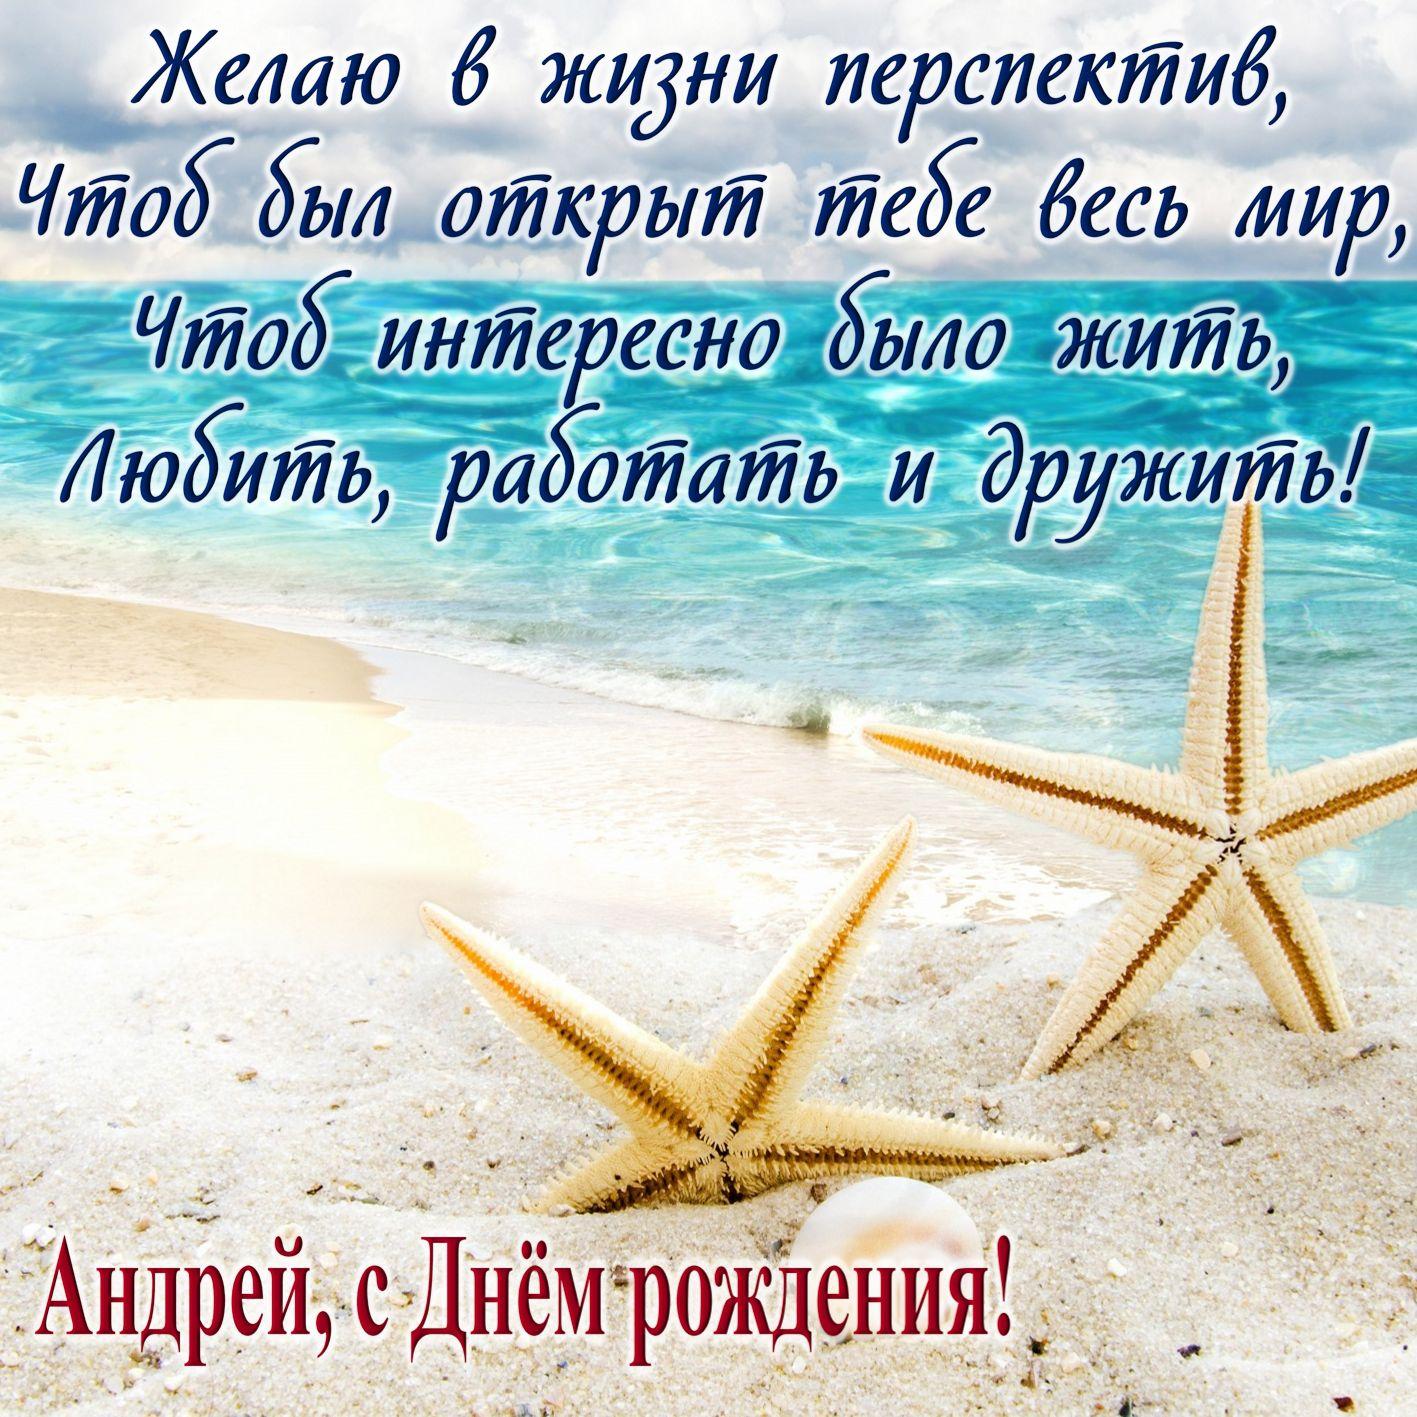 открытка с морем и пожеланием неудаче продемонстрировать правильное